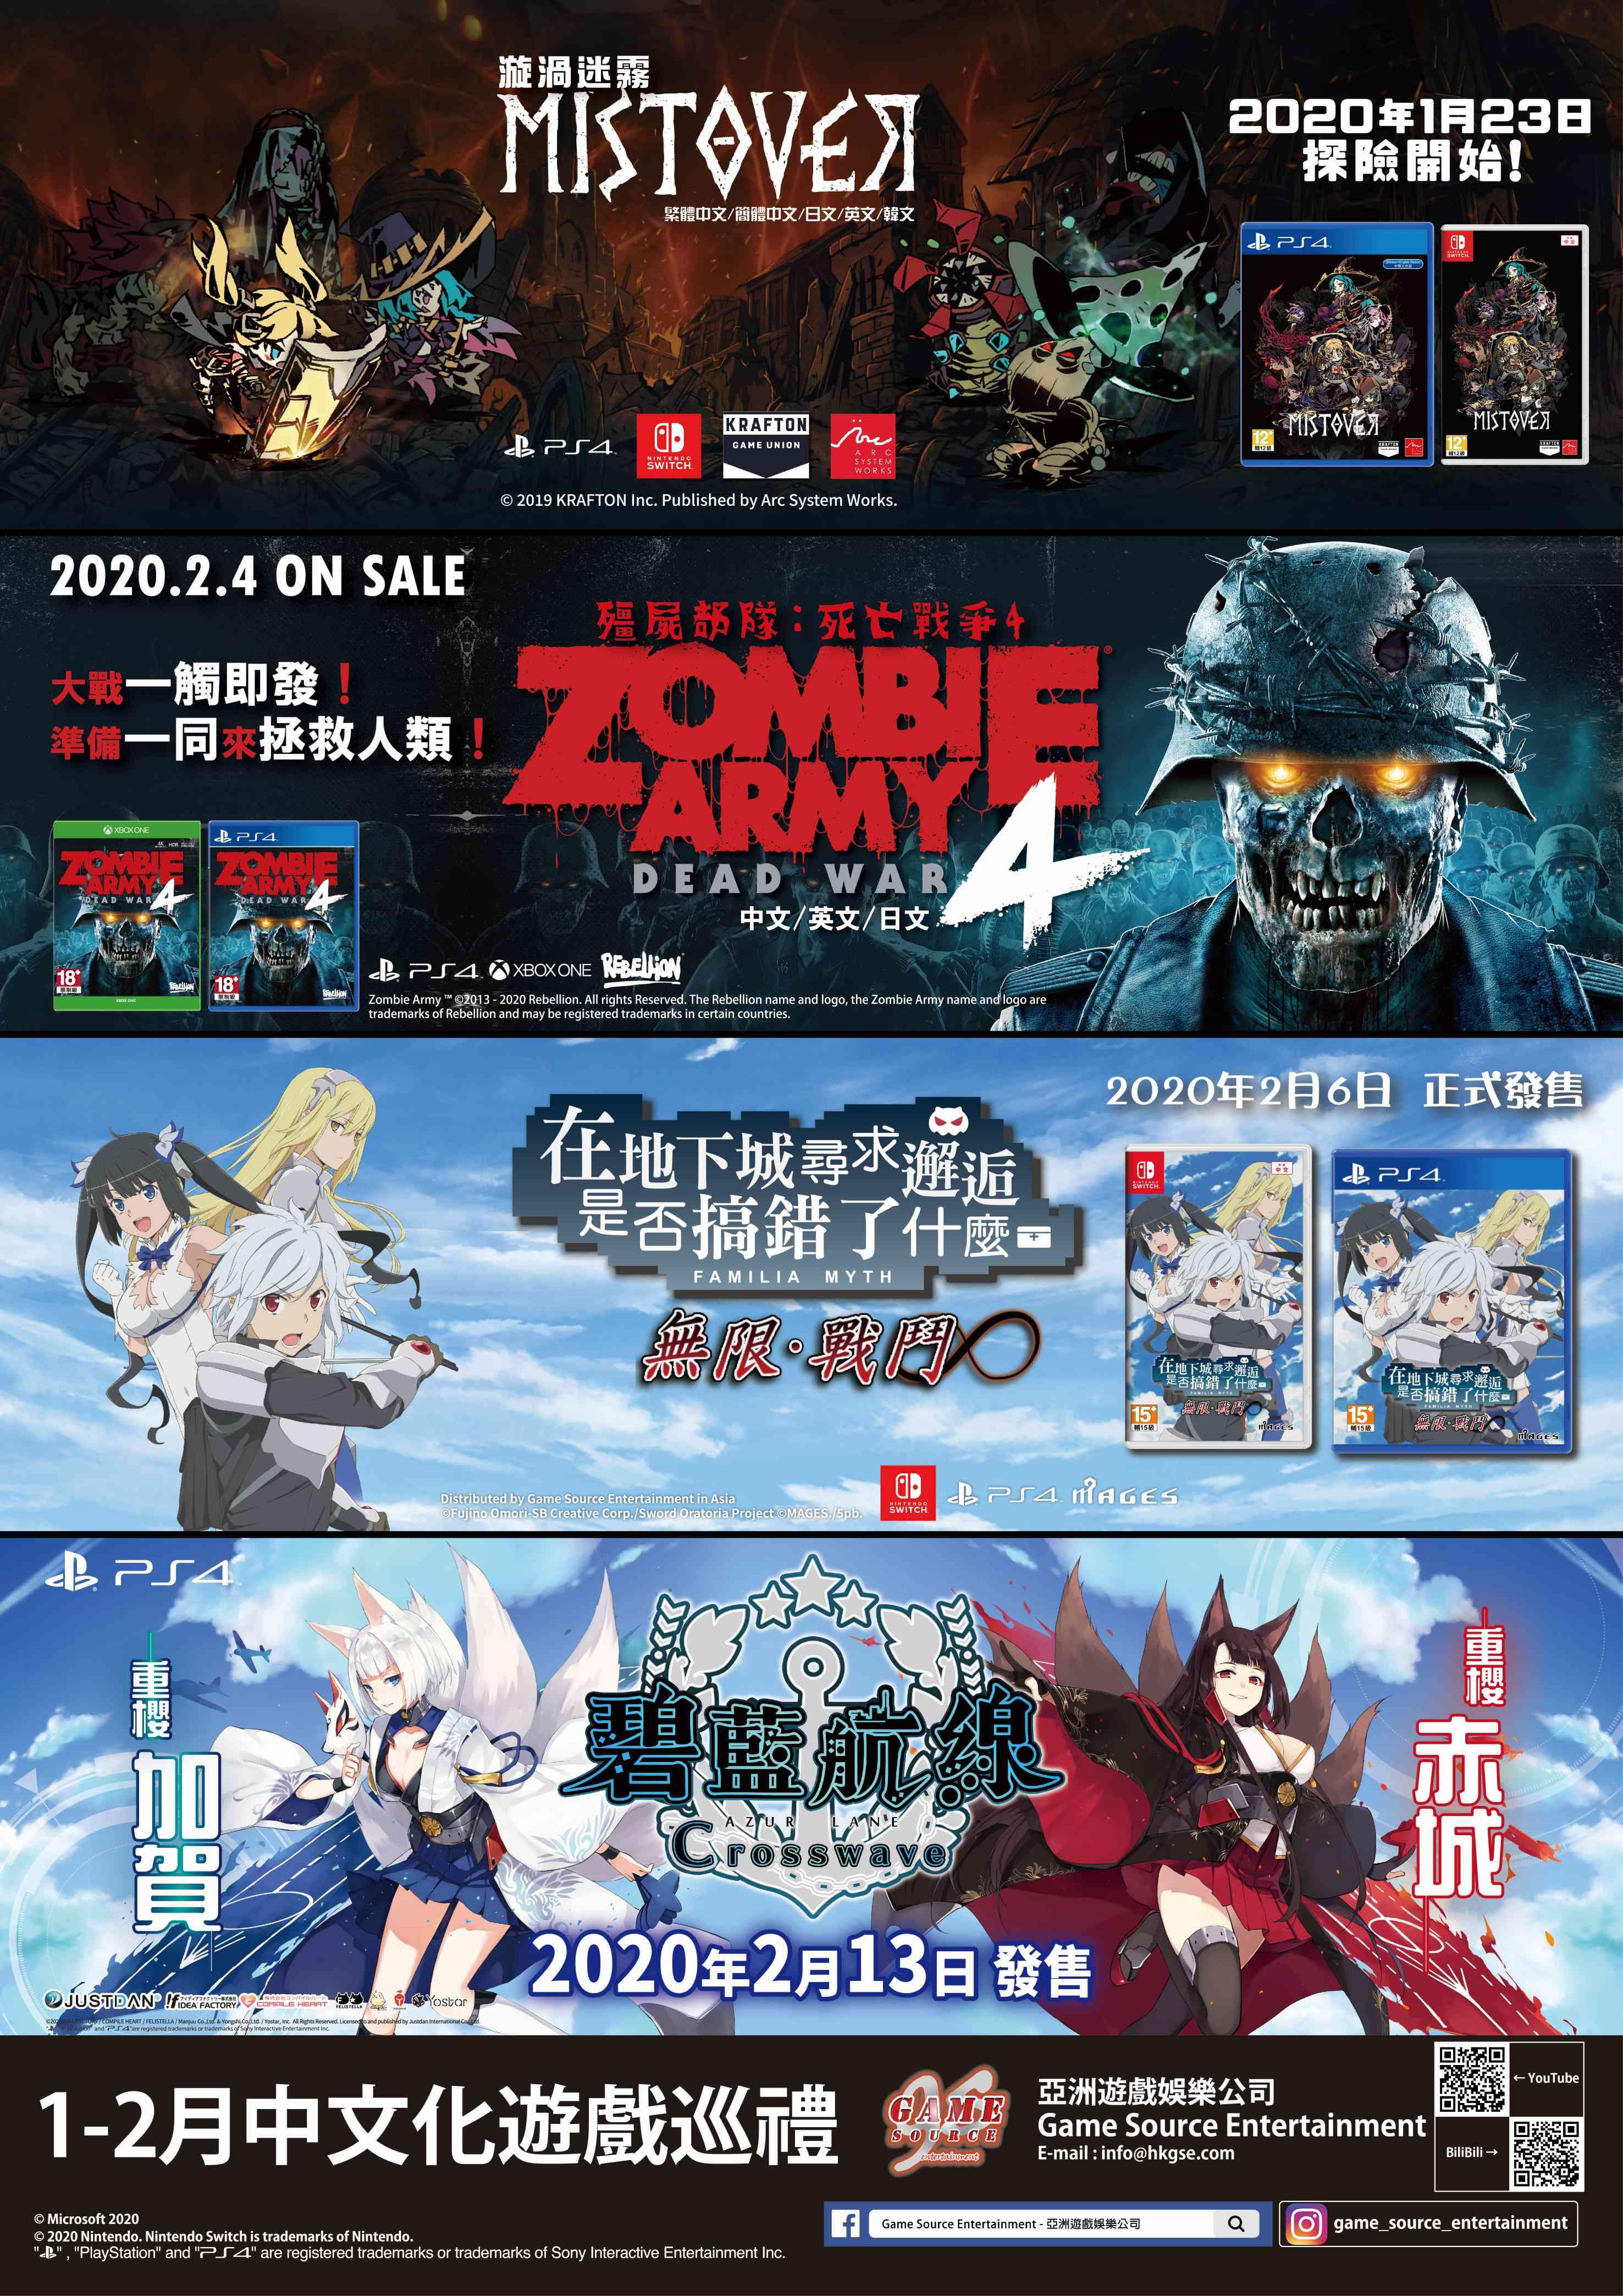 GSE 1-2月主机中文化游戏巡礼